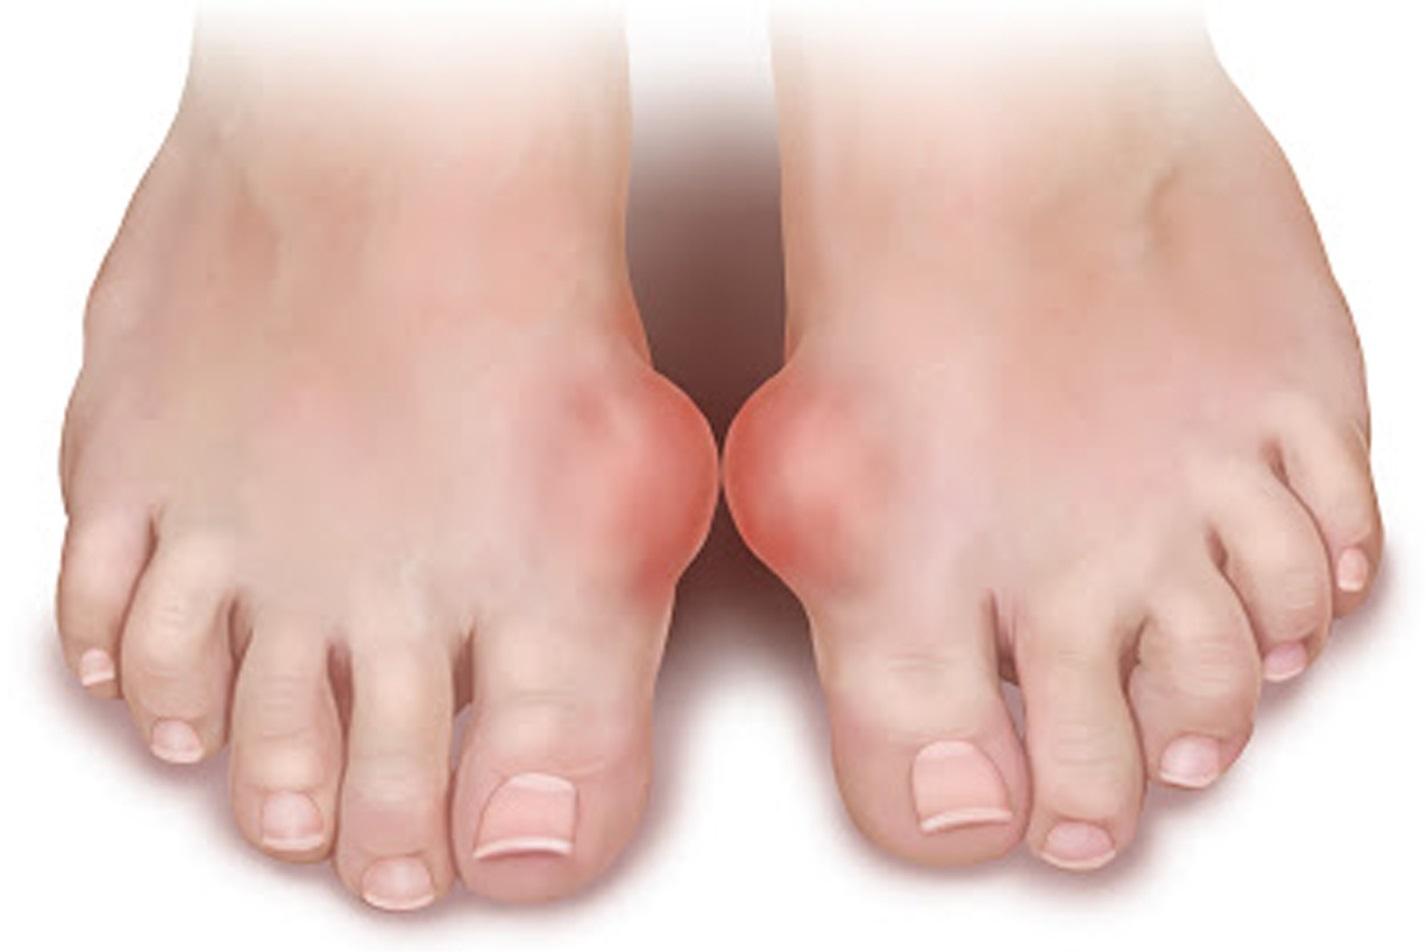 Полиартрит кистей рук и пальцев: лечение, симптомы 21